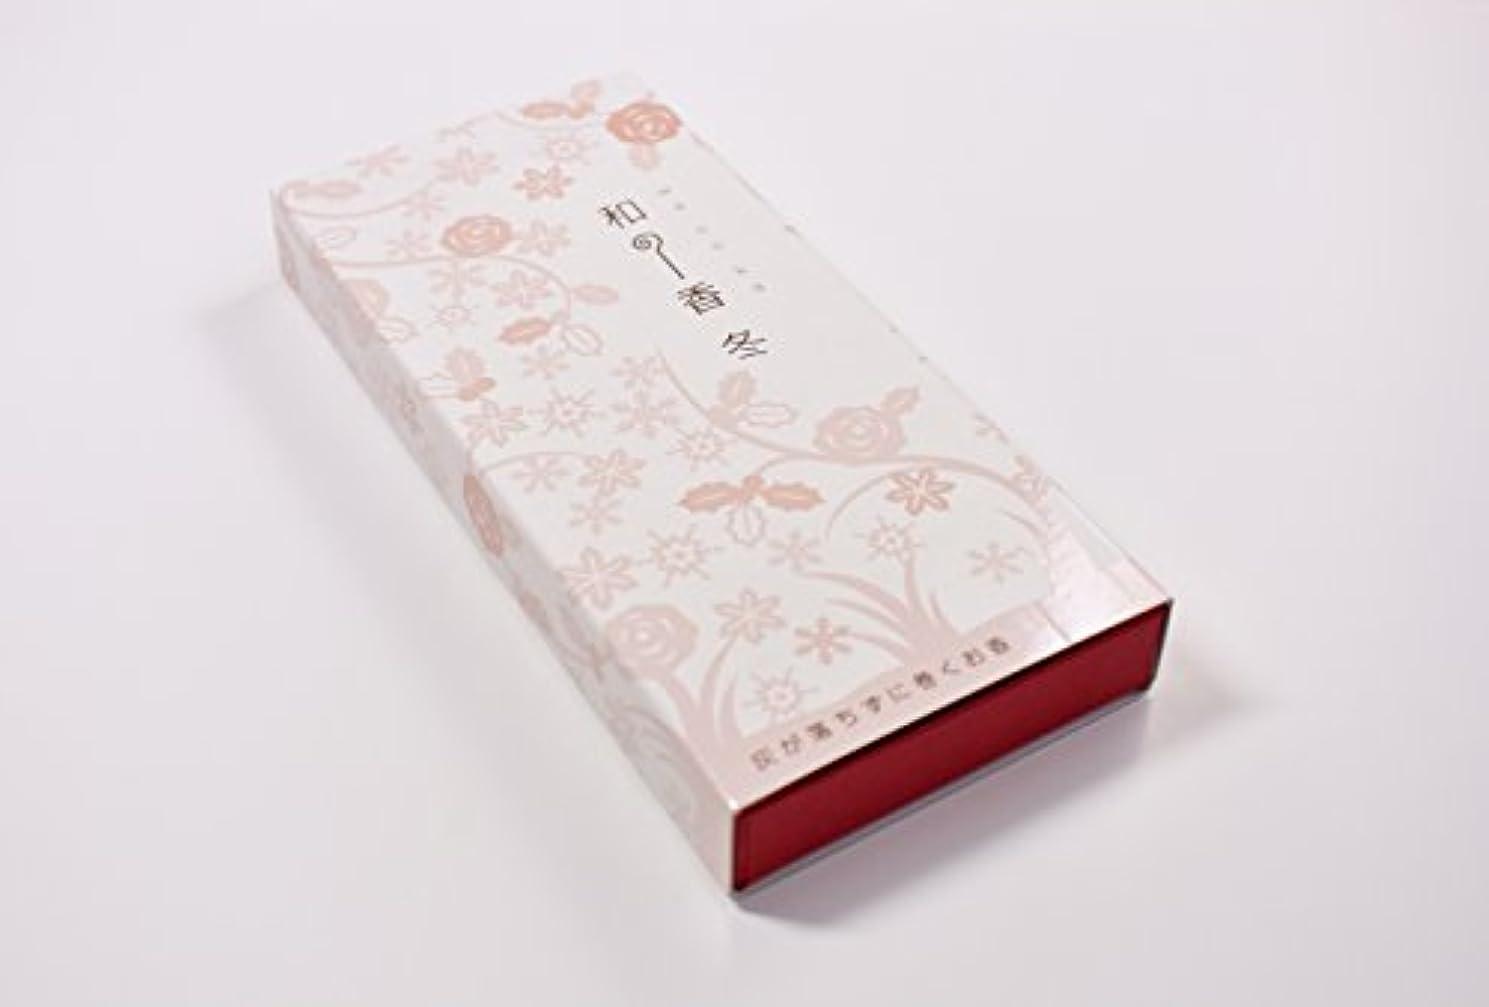 泣き叫ぶ感情ラフ睡眠流川香(Ryusenko) ピンク お香長さ14cm